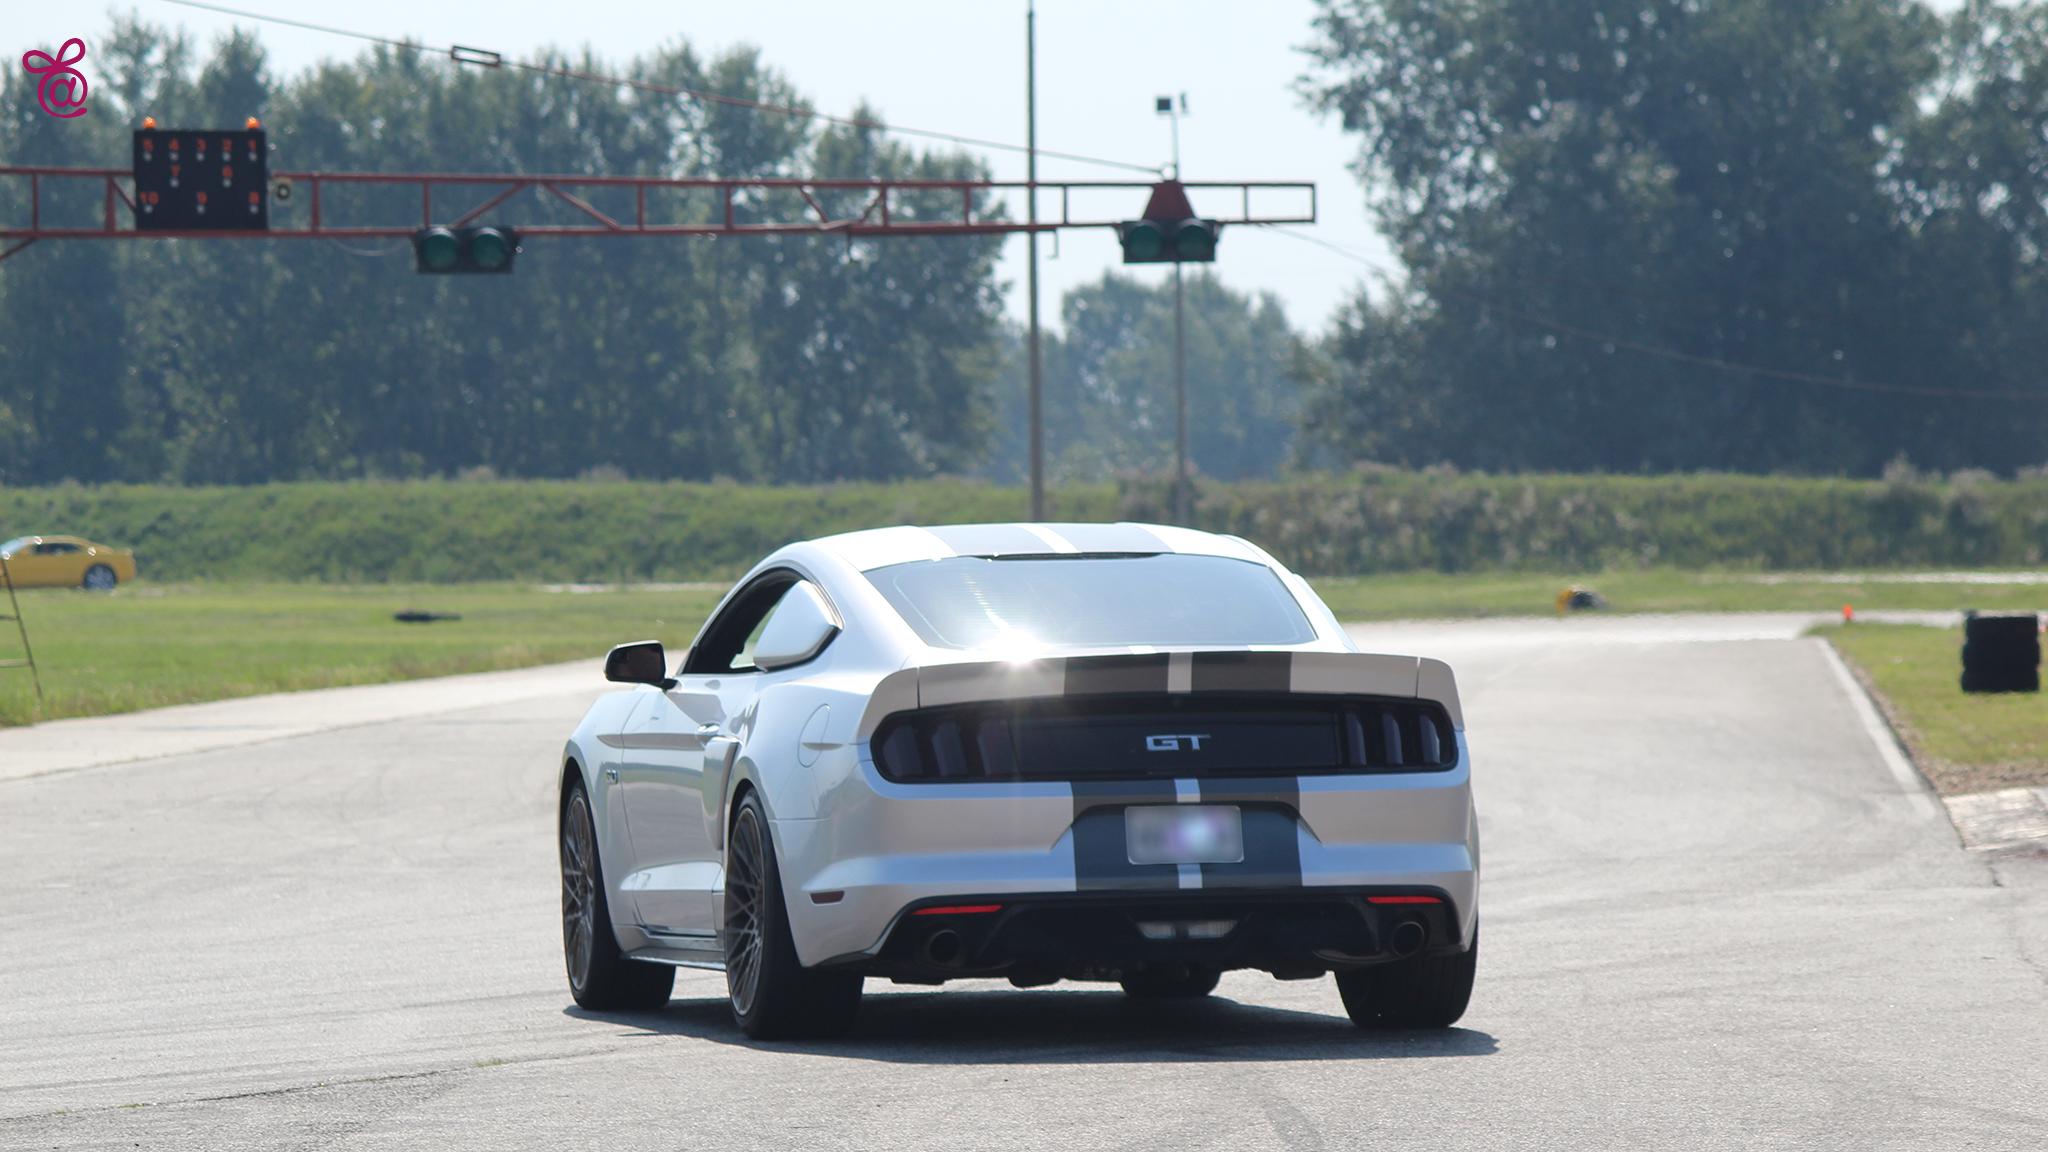 Mustang GT 2016 vezetés - Élj a mának - Élményvezetés afceb6bfda